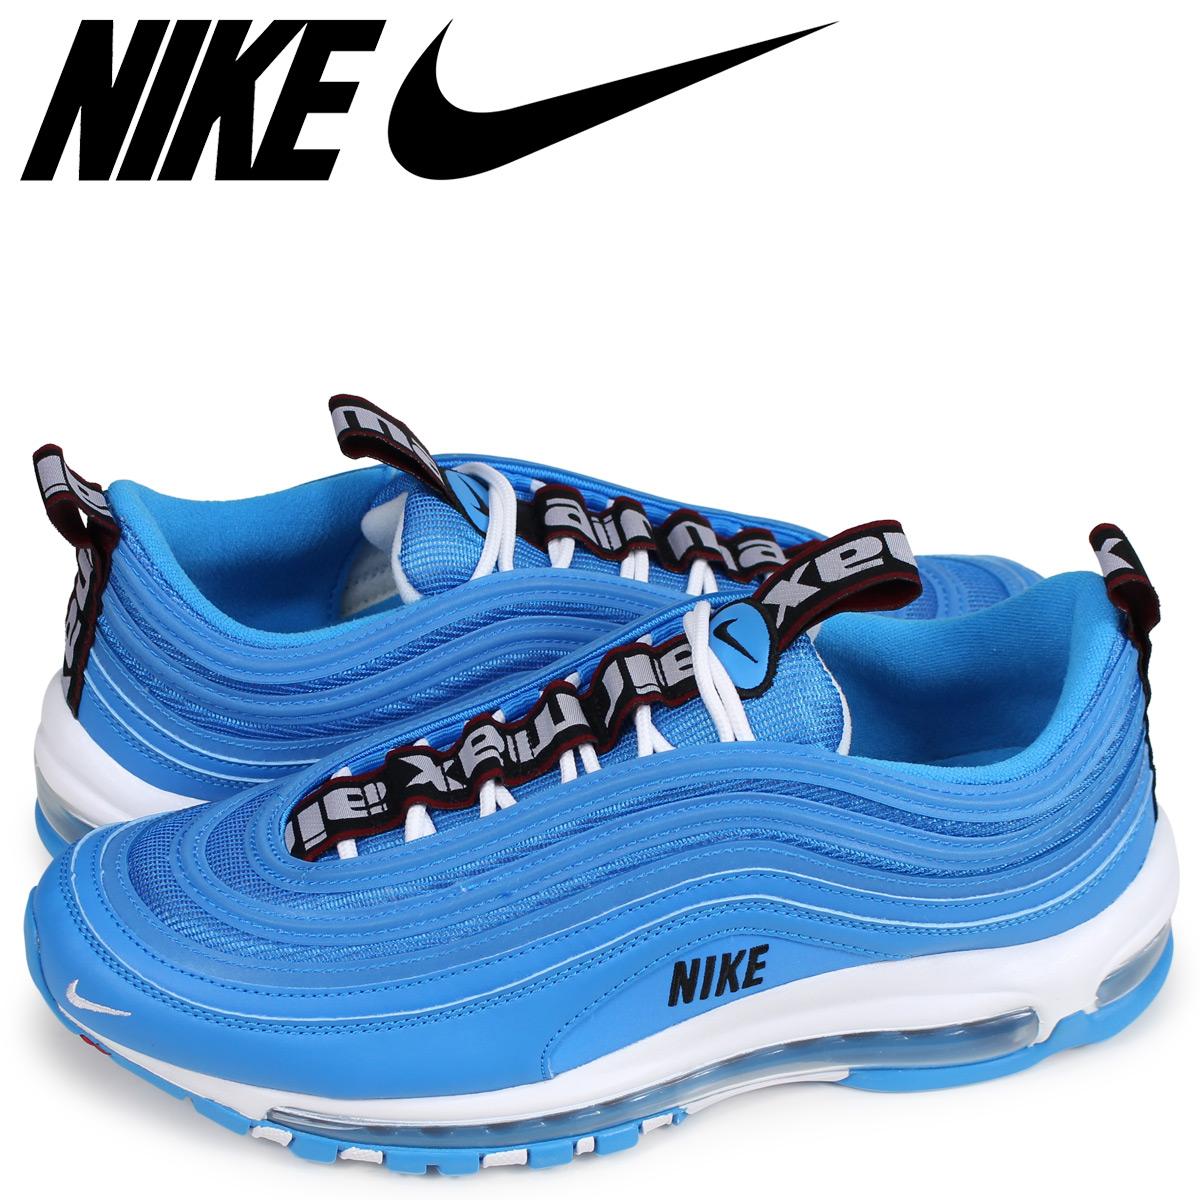 NIKE Kie Ney AMAX 97 sneakers men AIR MAX 97 PREMIUM blue 312,834 401